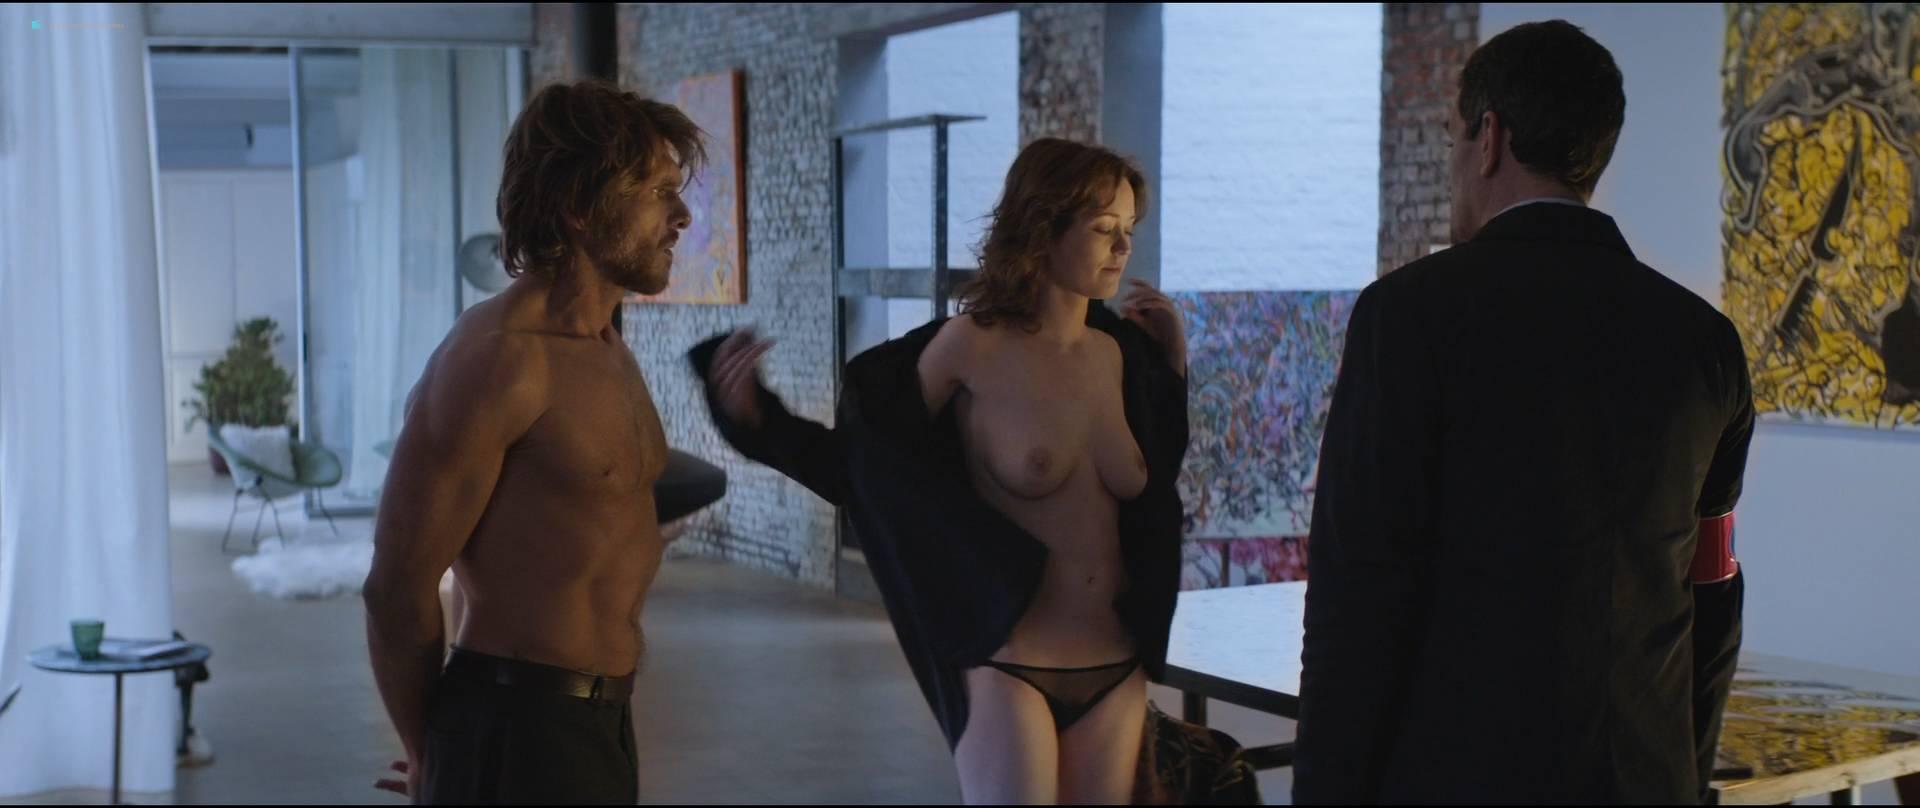 Sofie-Hoflack-nude-topless-and-hot-sex-Het-Tweede-Gelaat-BE-2017-HD-1080p-009.jpg